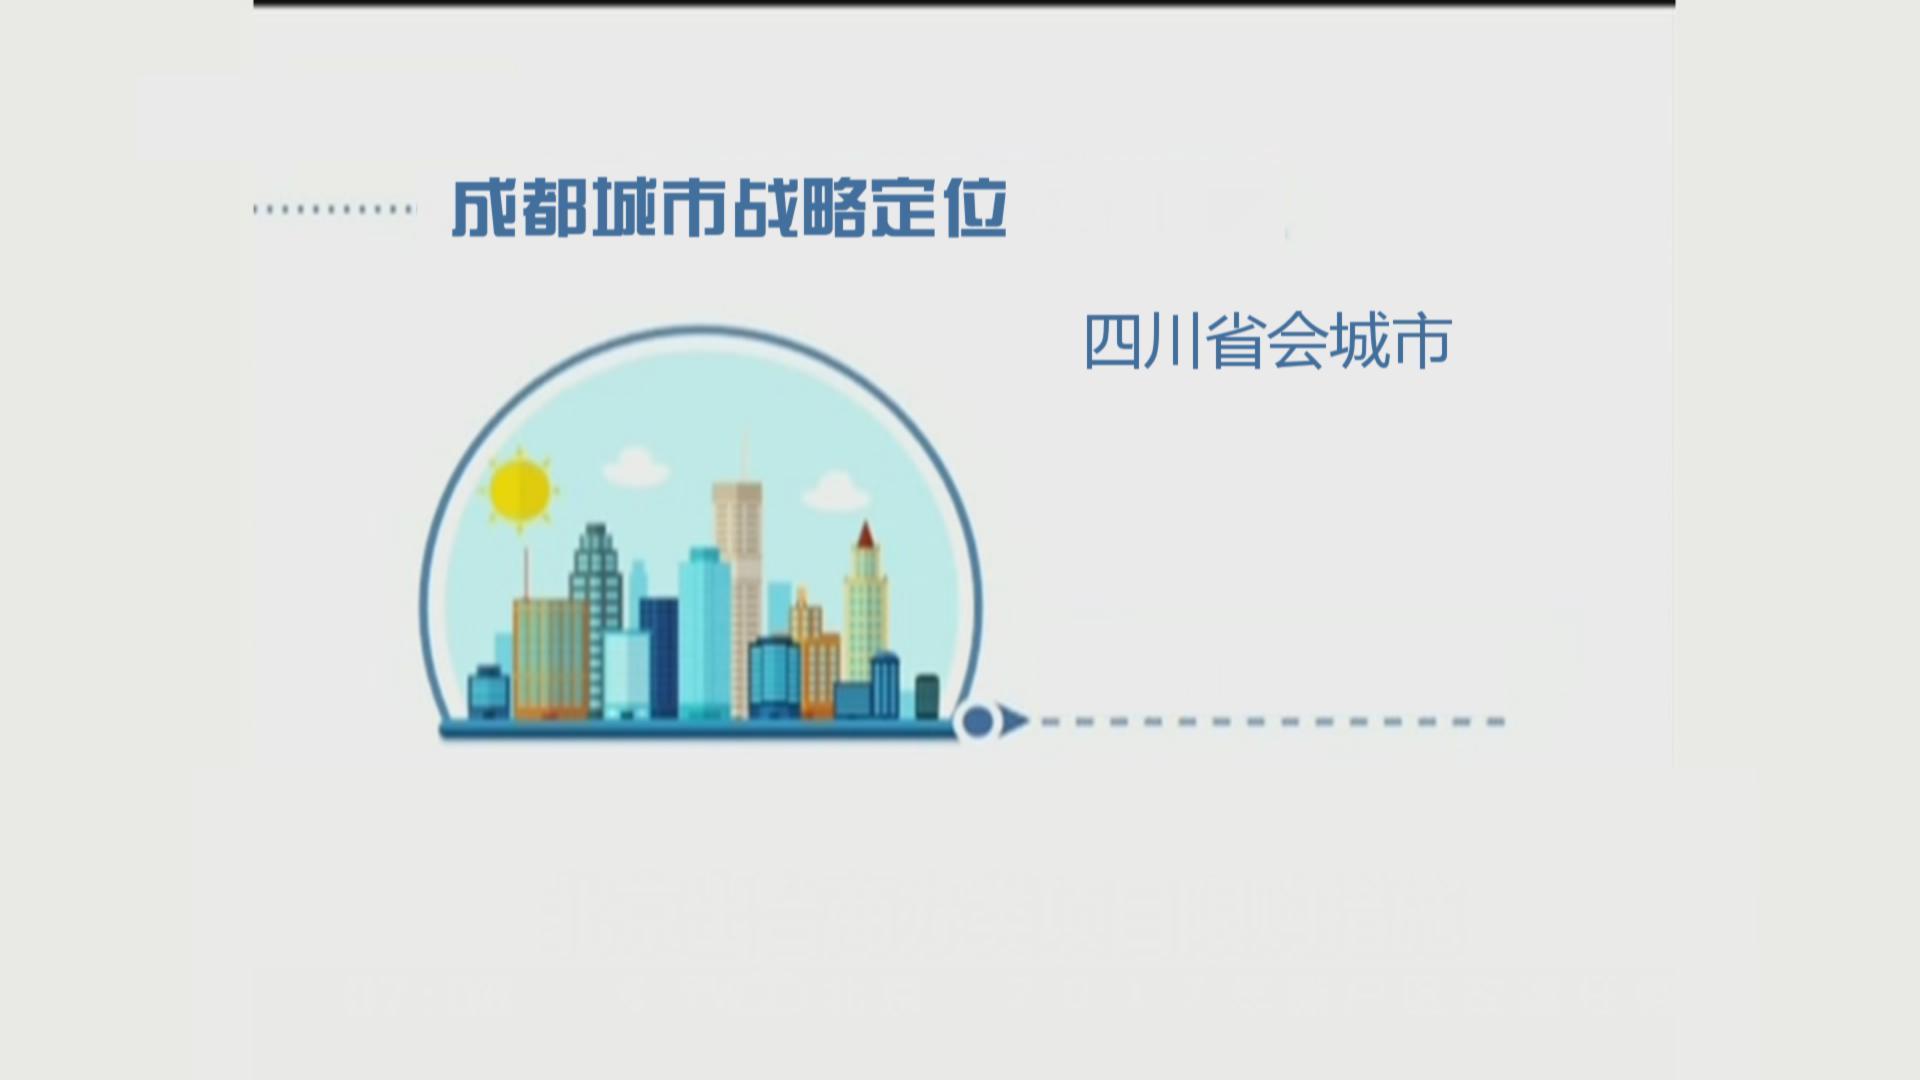 成都最新规划出炉  2050年迈入世界城市行列【11月16日】